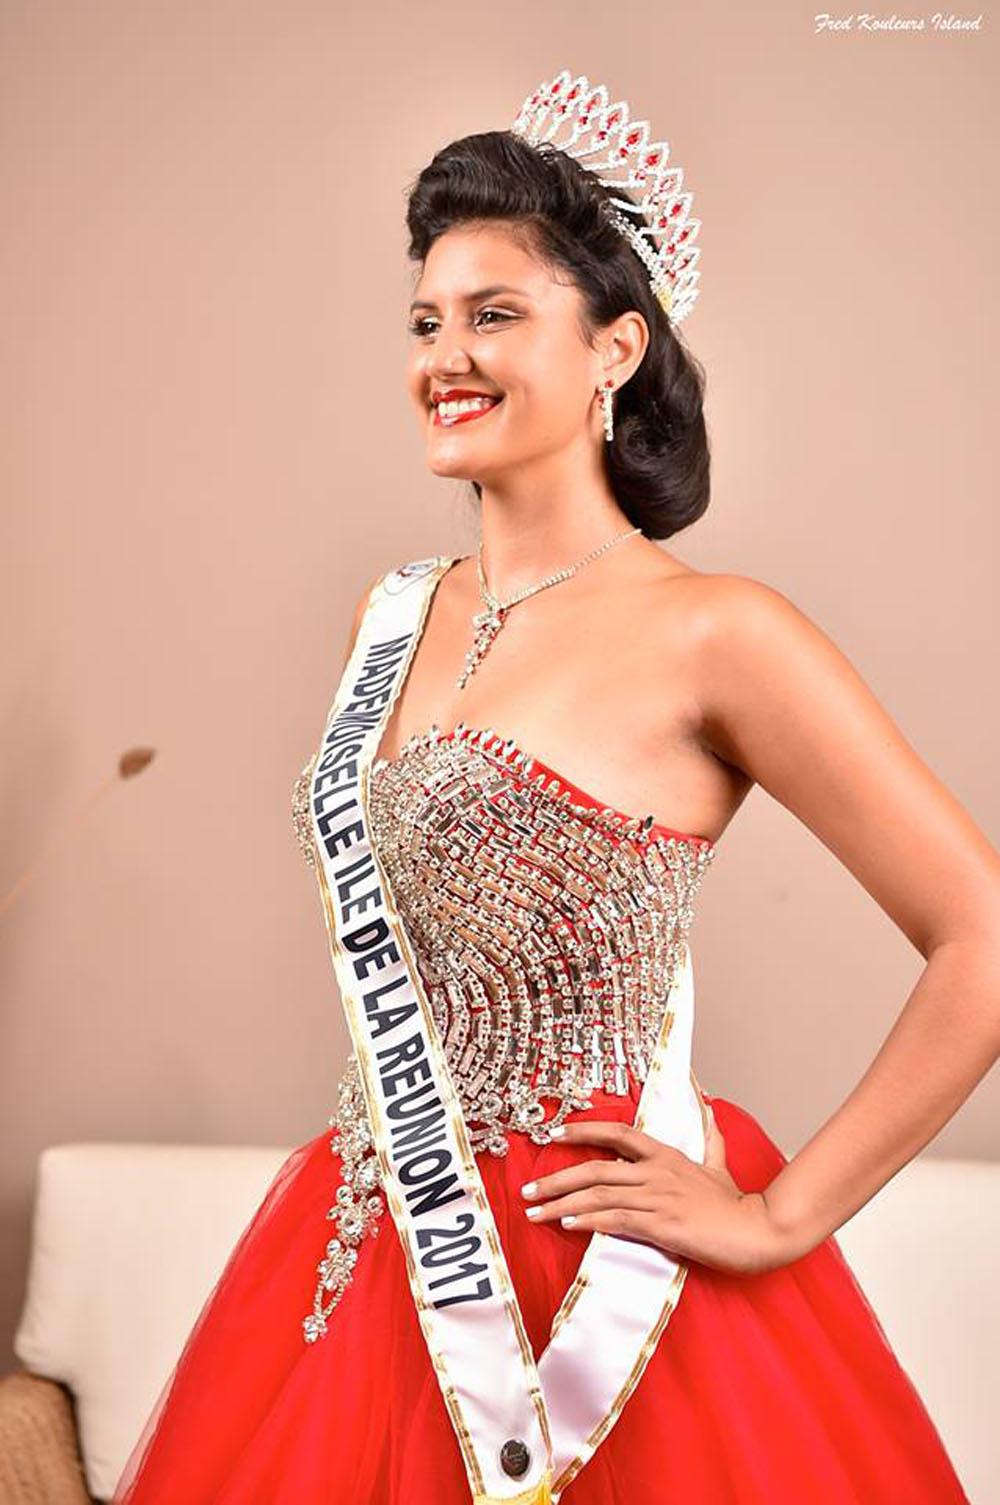 Elle participe à Mademoiselle France le 1er avril